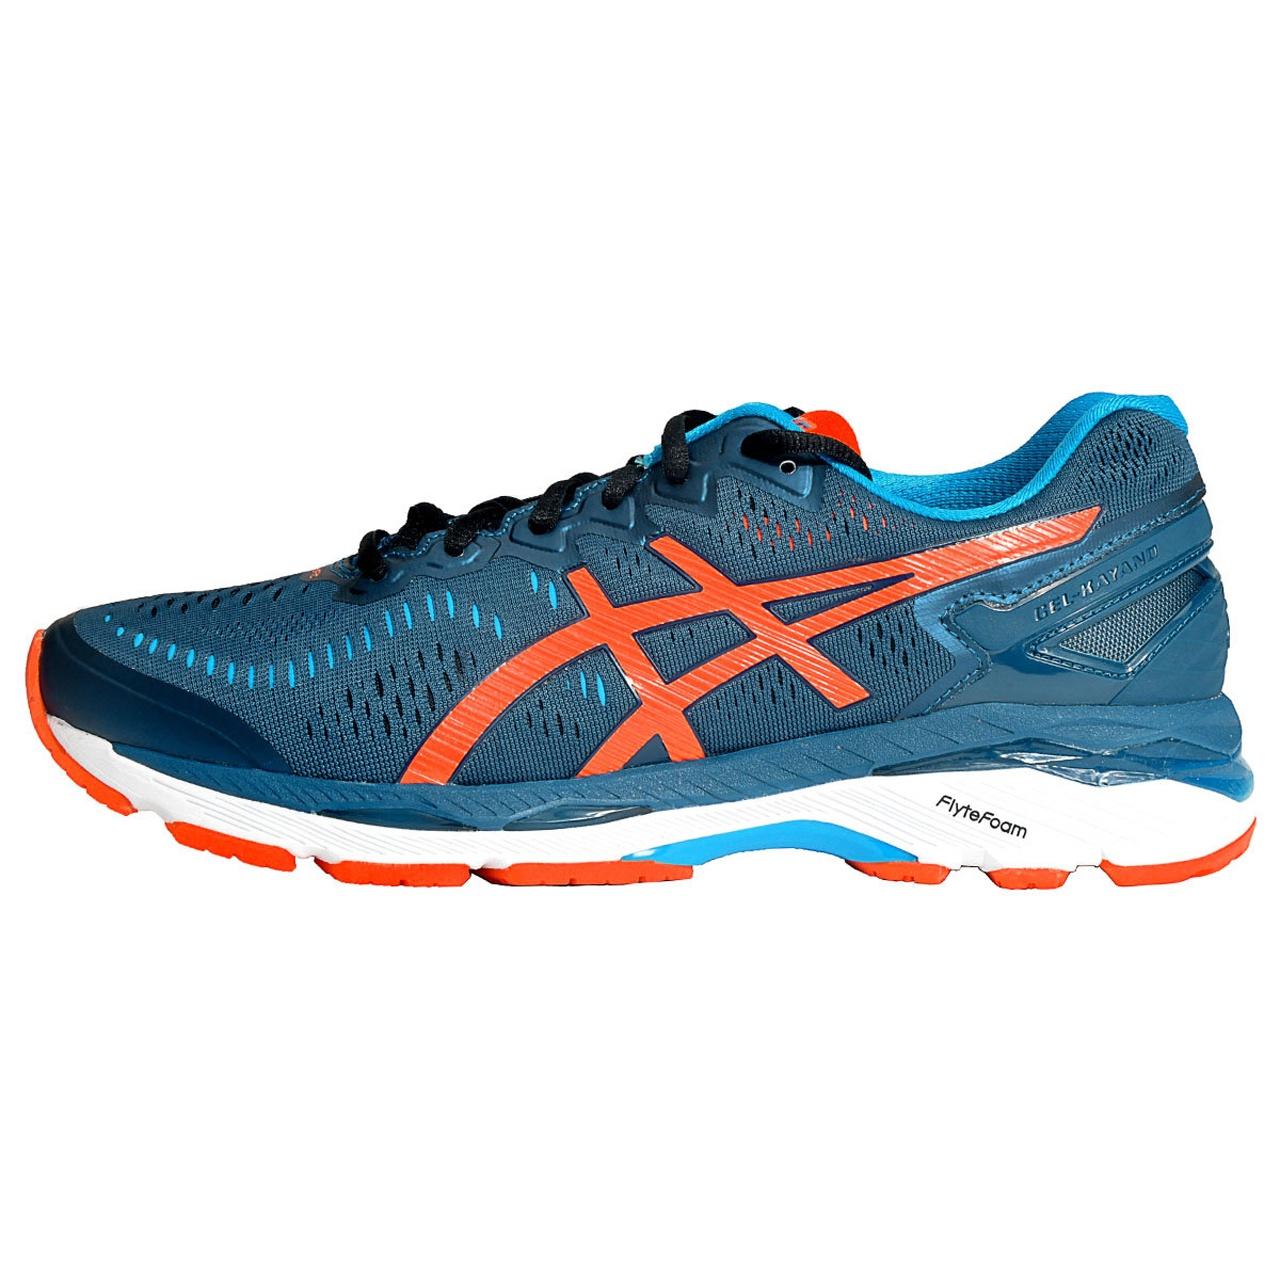 کفش مخصوص دویدن مردانه اسیکس مدل  kayano کد 9876-8575